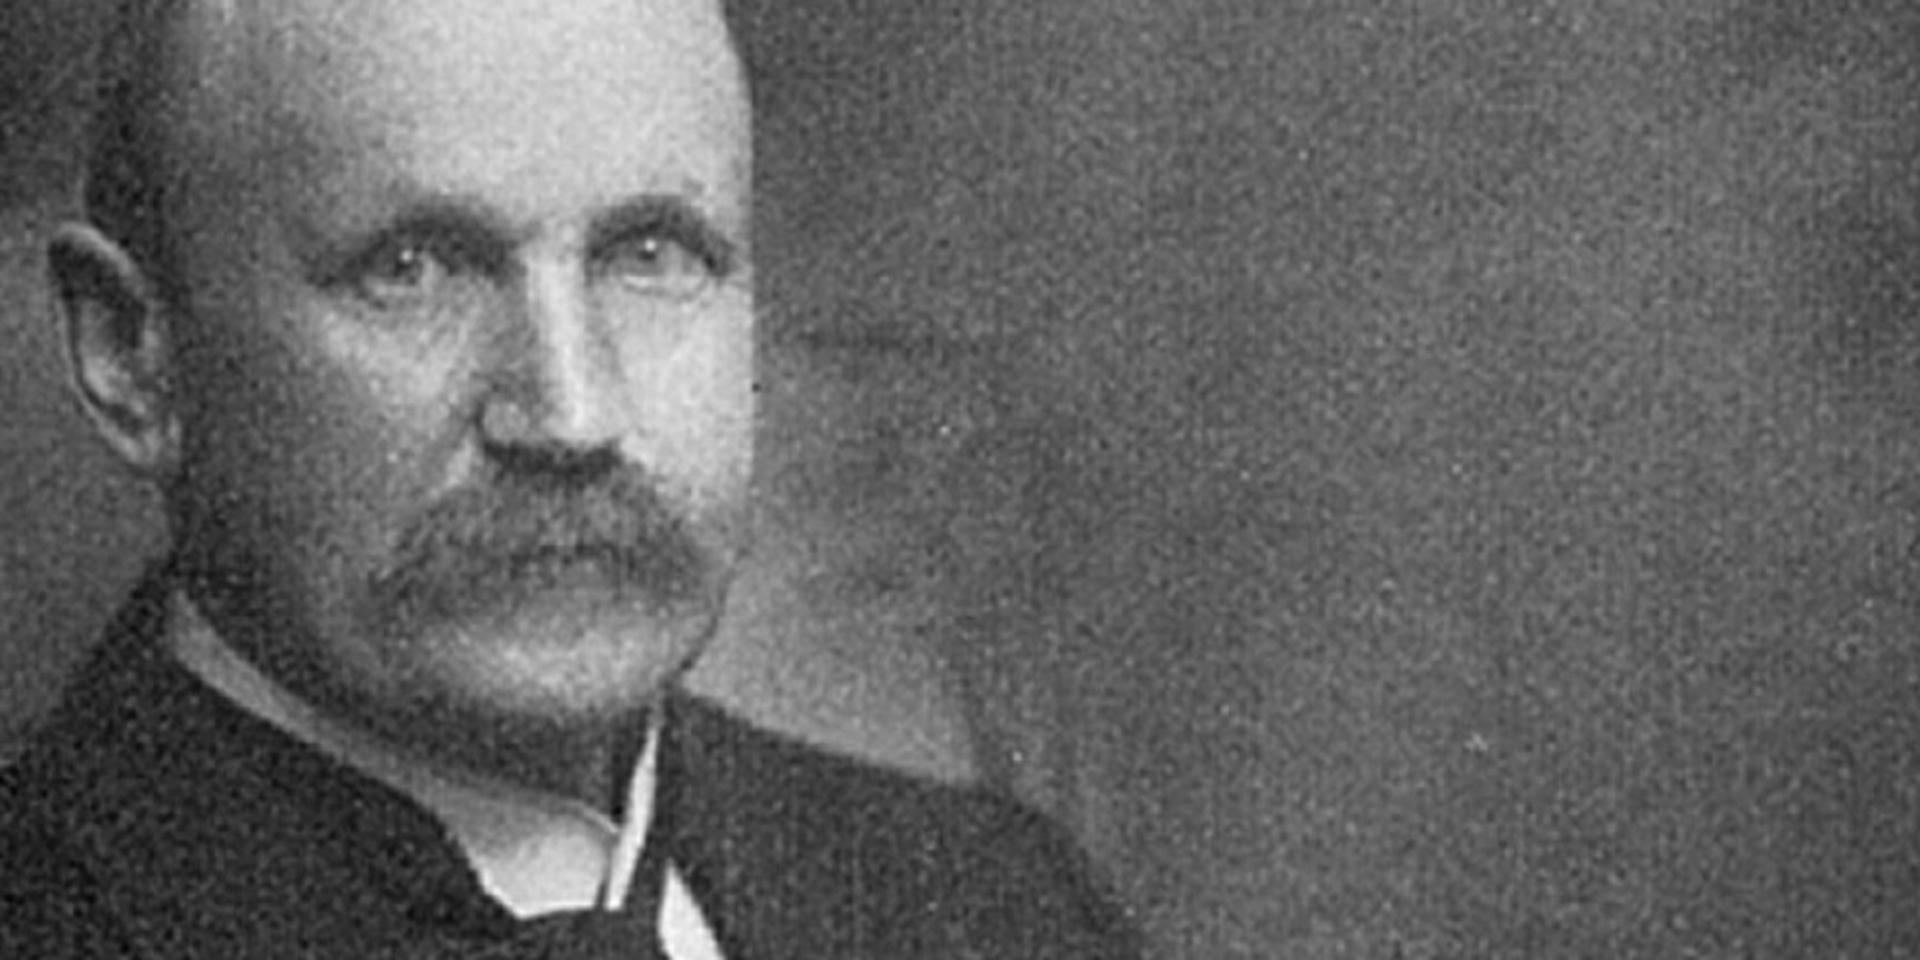 Wilhelm Freiherr von Pechmann